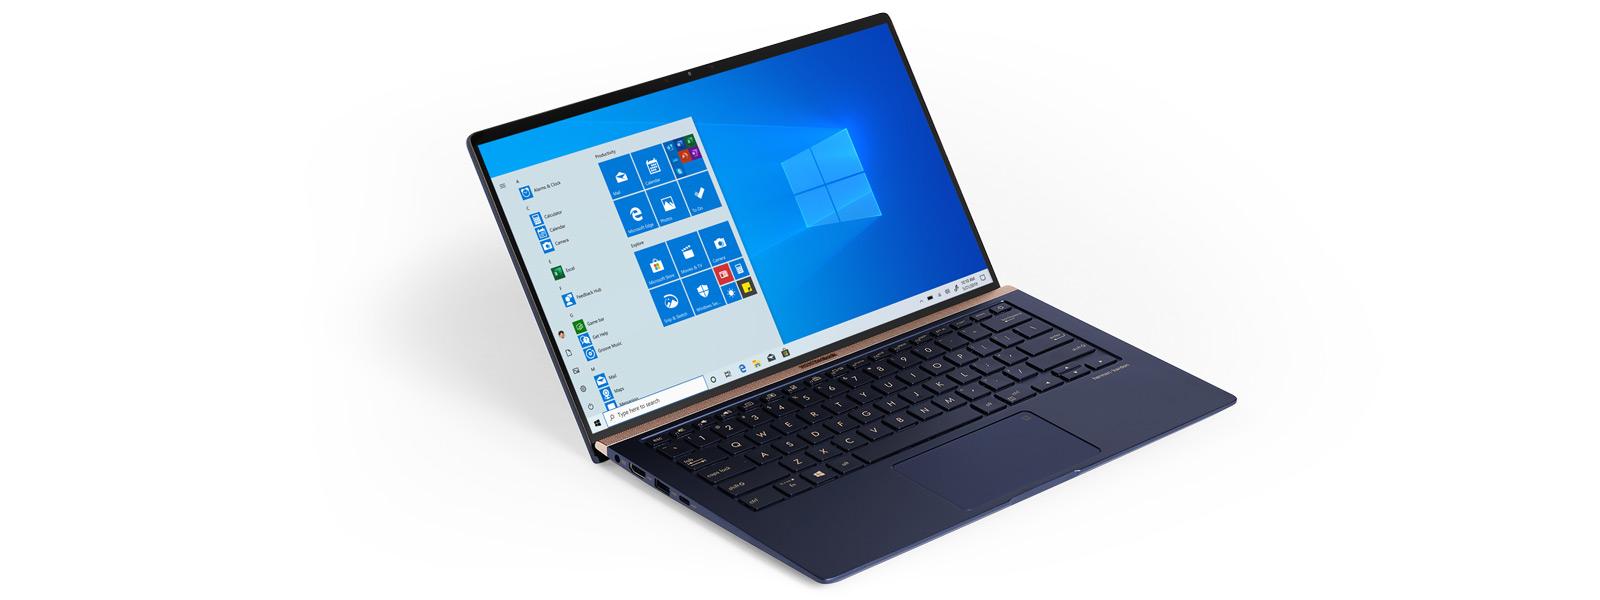 Ein blauer aufgeklappter Acer Swift 5 Laptop, der einen Windows 10 Startbildschirm anzeigt